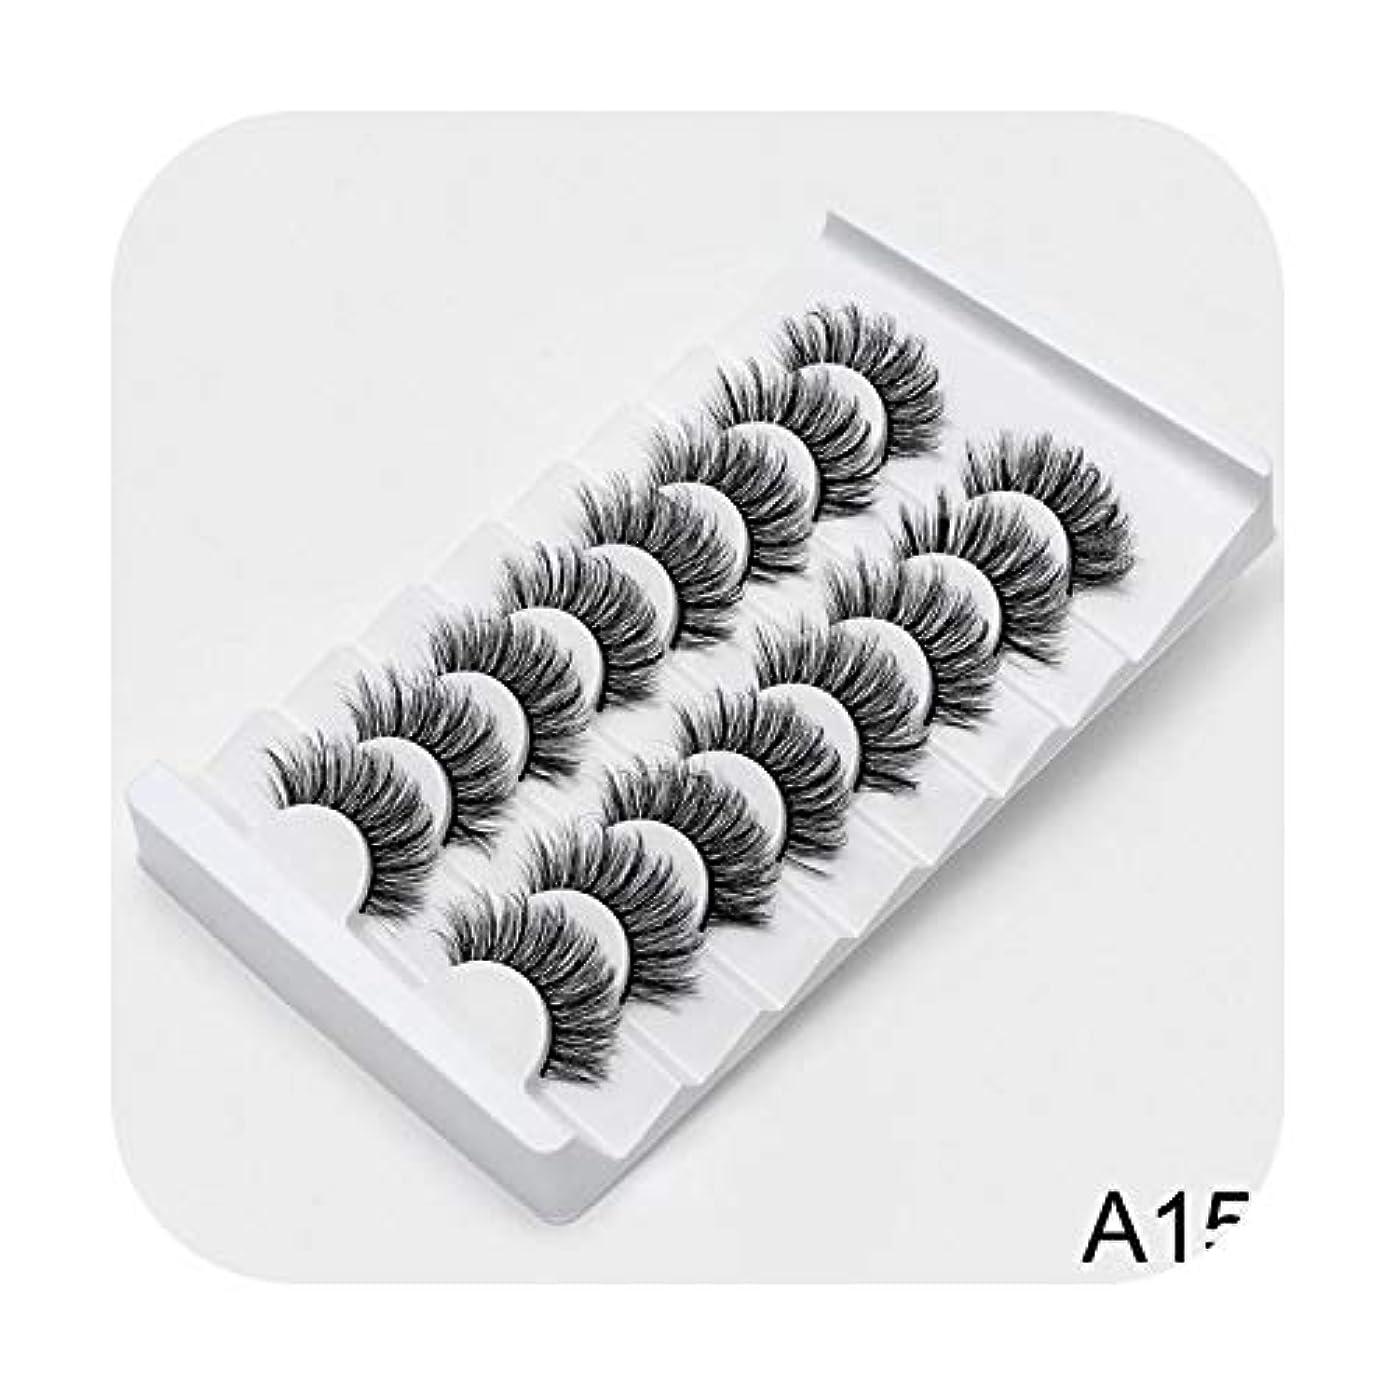 コピー遺産家族AKIROK 4/8ペア3Dミンクラッシュナチュラルつけまつげメイクアップアイラッシュエクステンションシルクアイラッシュ,A15,China